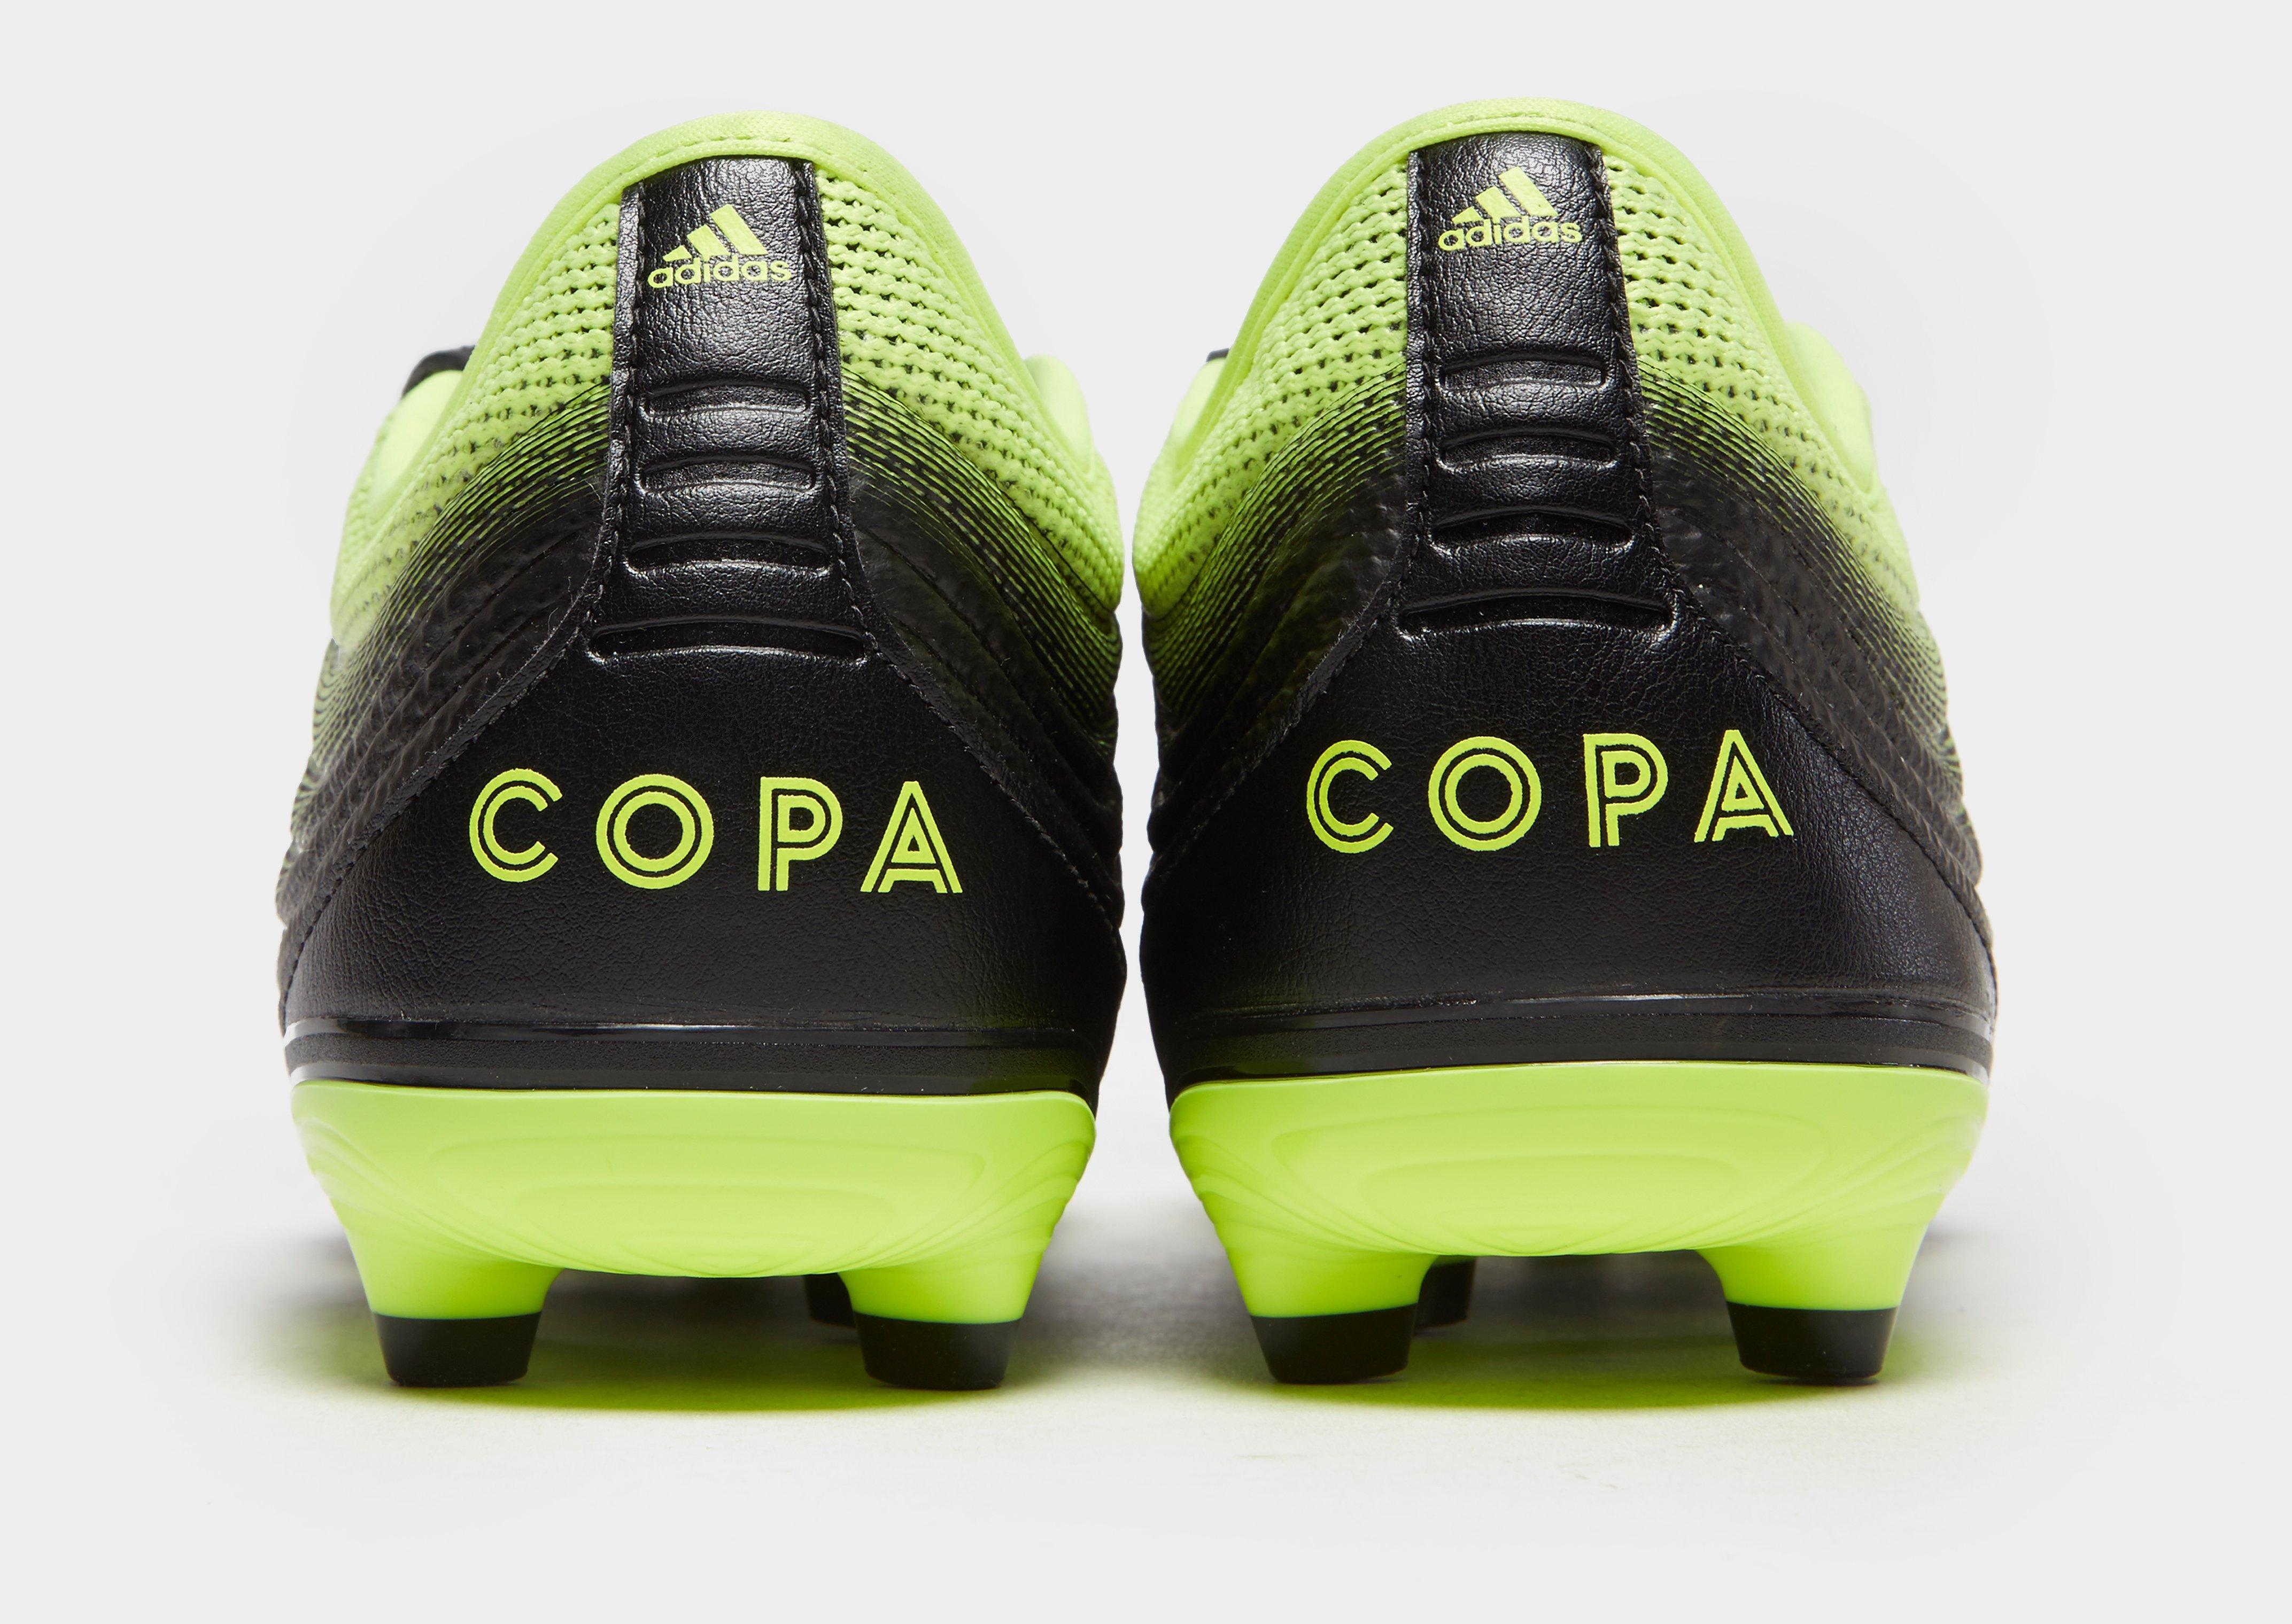 adidas Exhibit Copa 19.2 FG